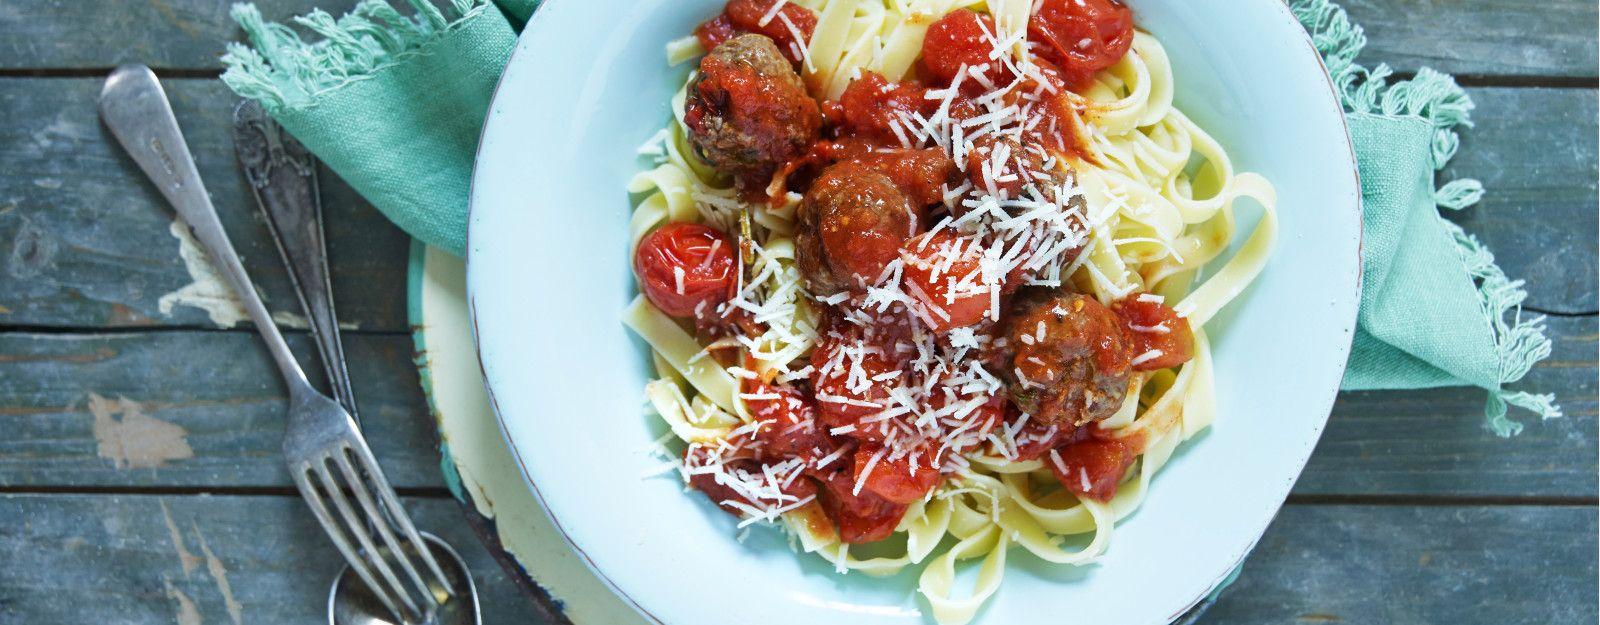 Italienske Kjottboller I Tomatsaus Med Tagliatelle Tagliatelle